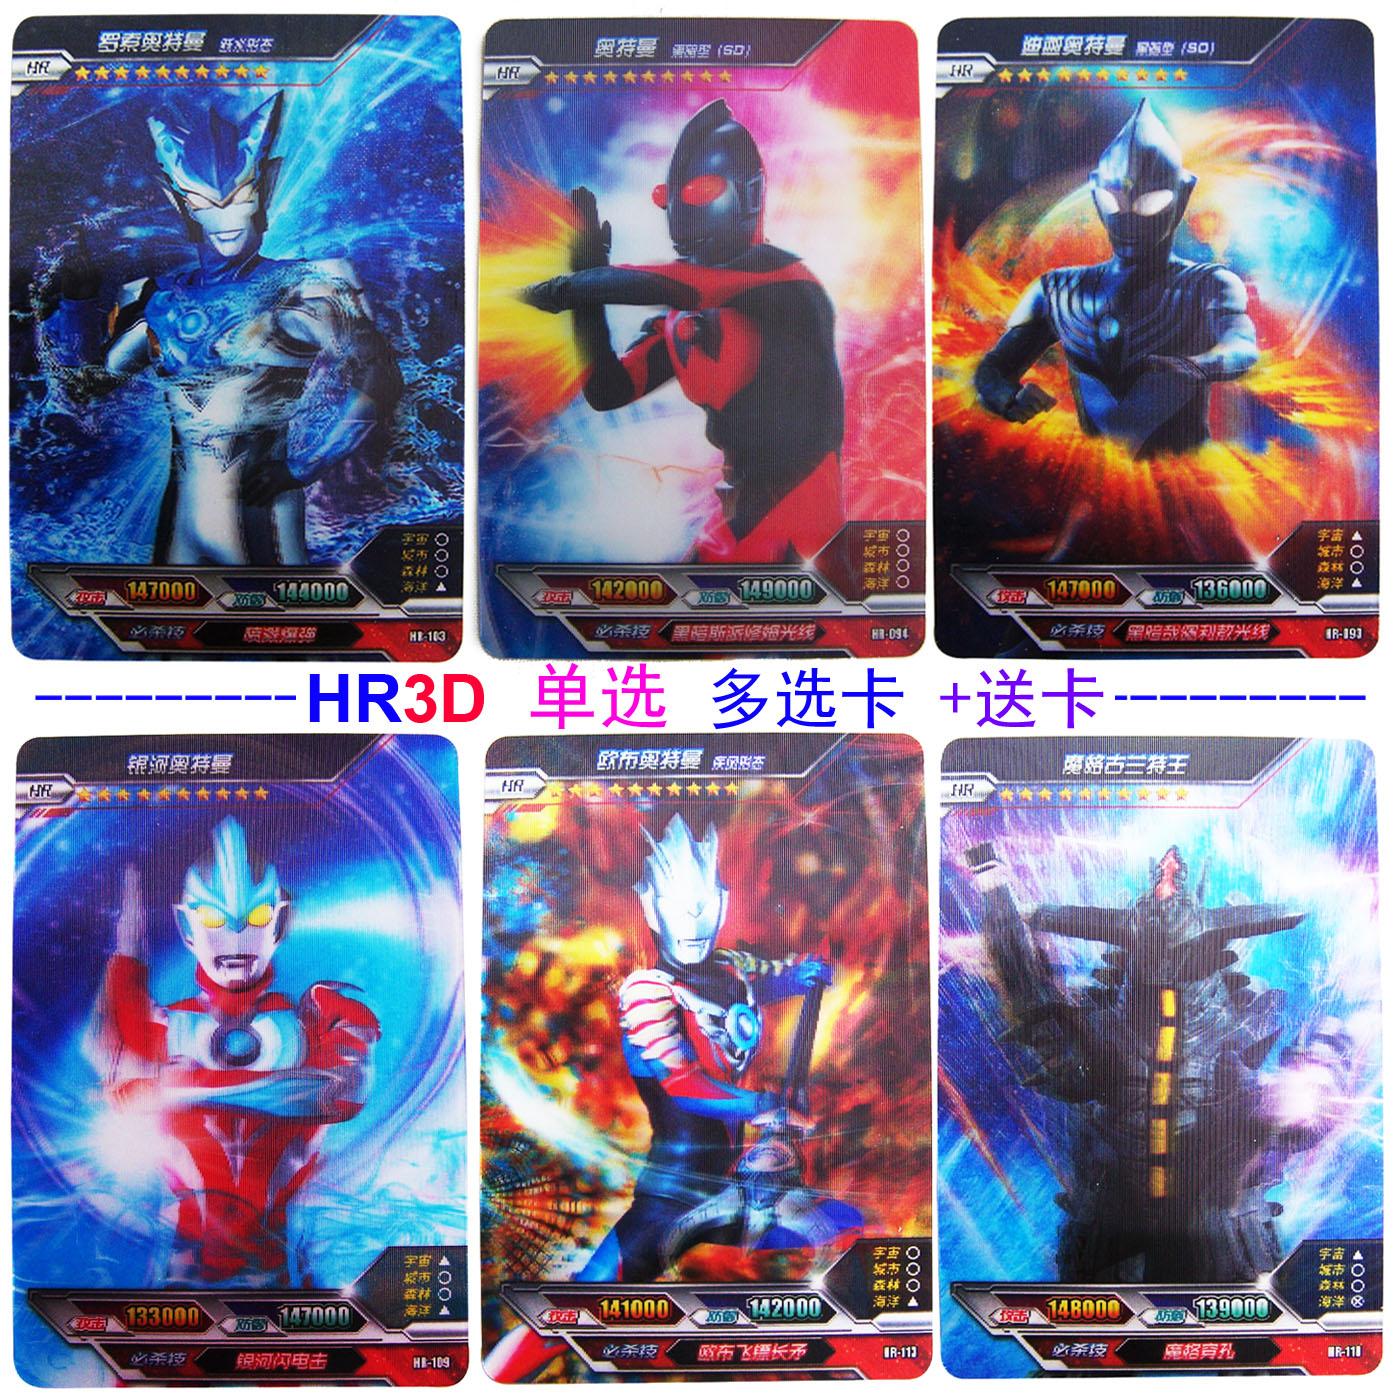 正版奥特曼卡片银河赛罗诺亚英雄HR3D稀有闪卡10万战力满10星闪卡12-01新券